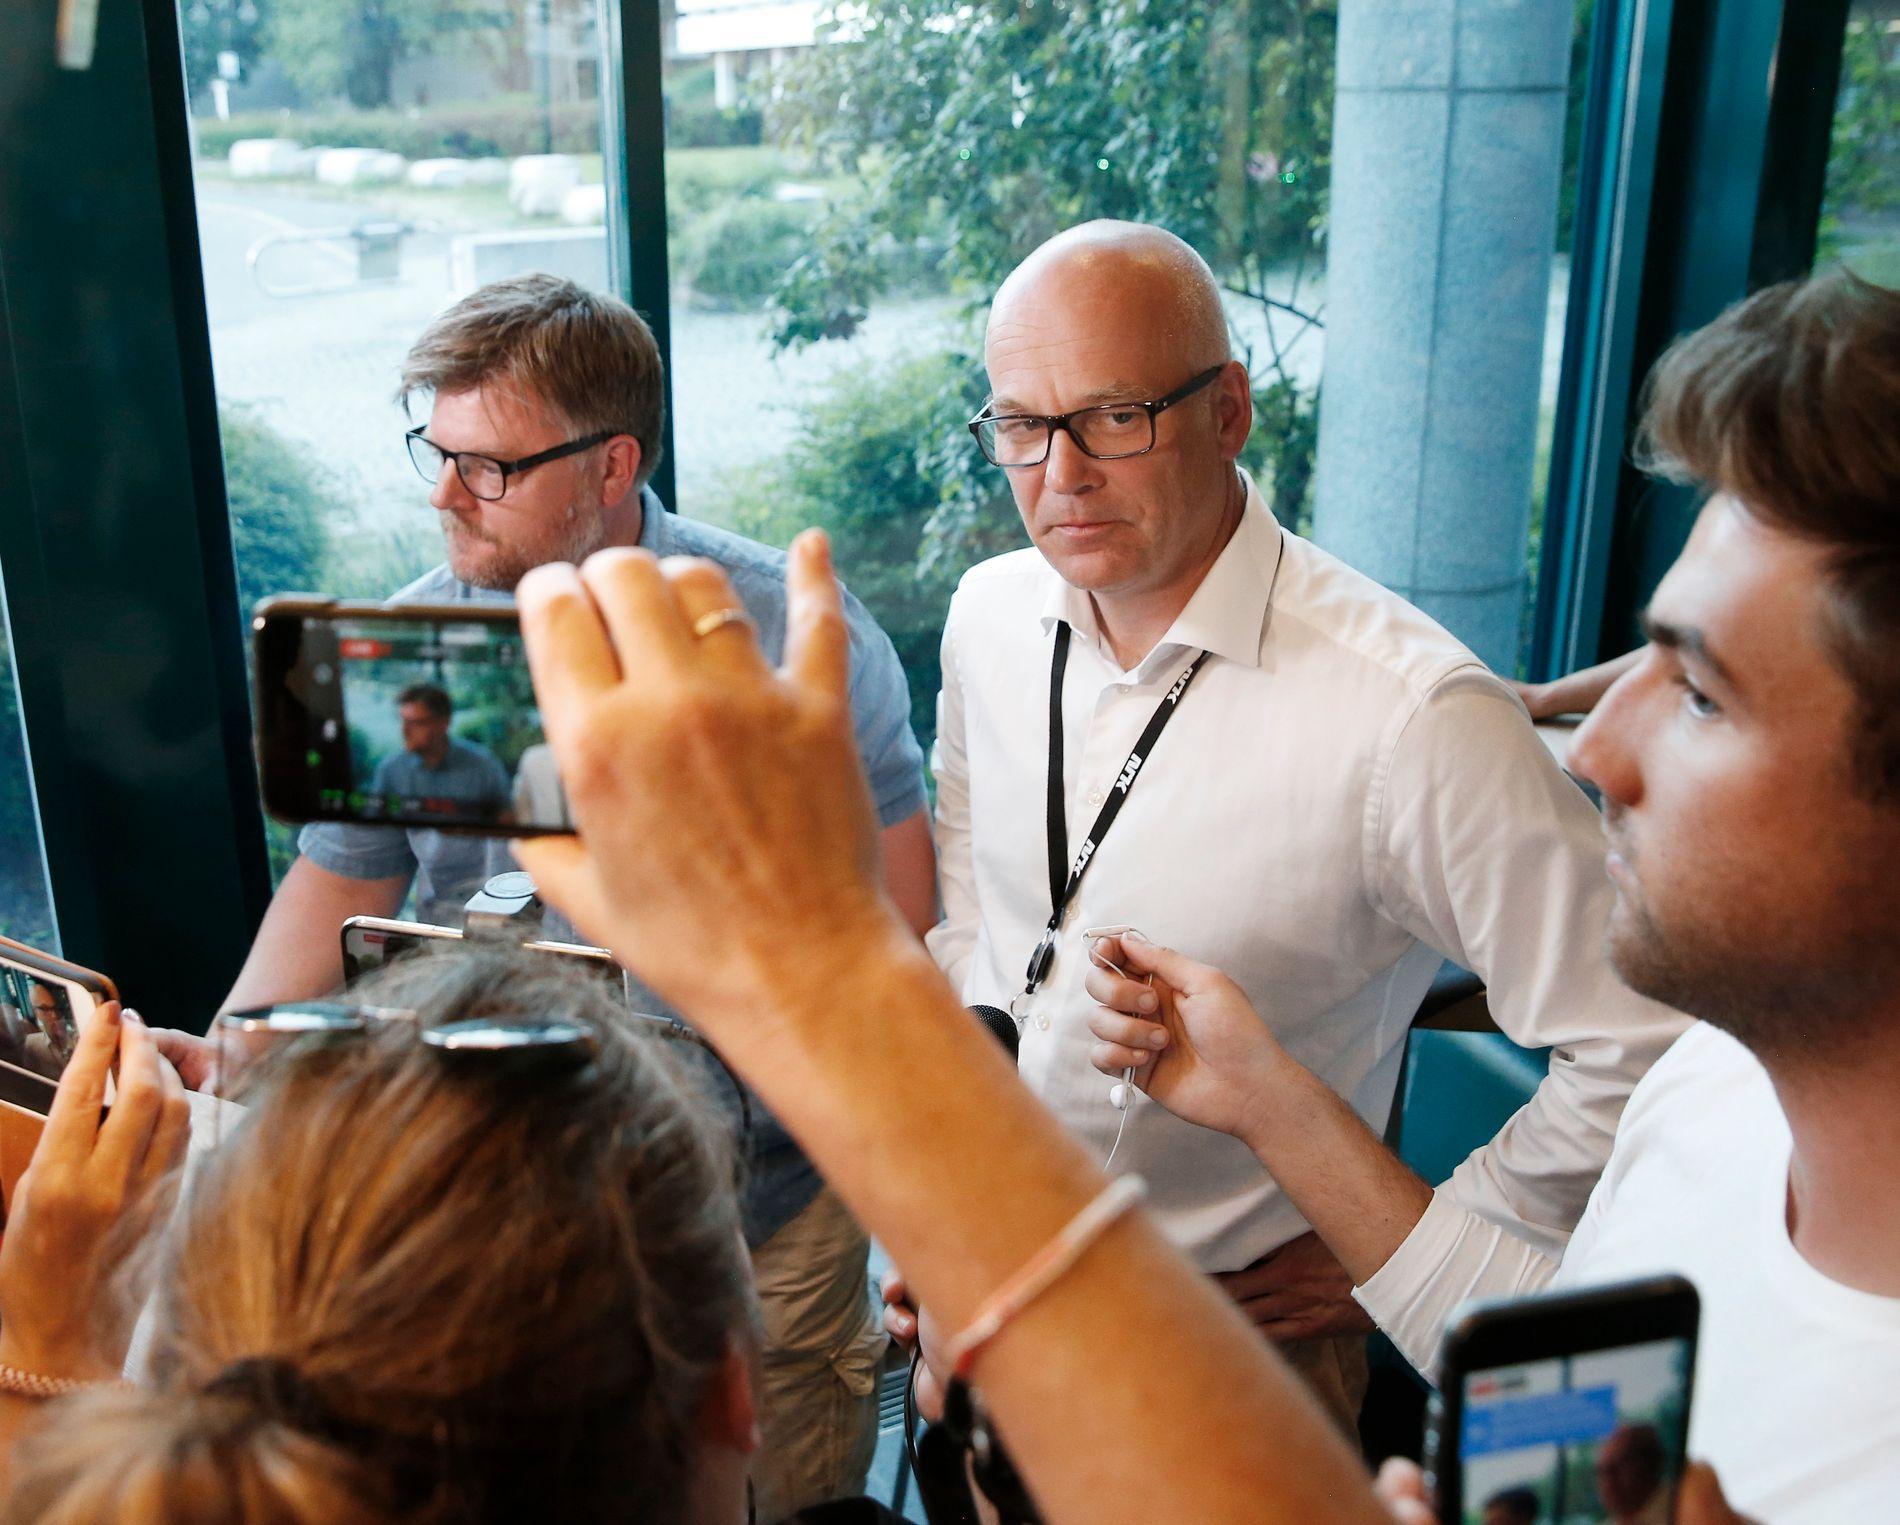 Kringkastingssjef Thor Gjermund Eriksen tar permisjon fra NRK